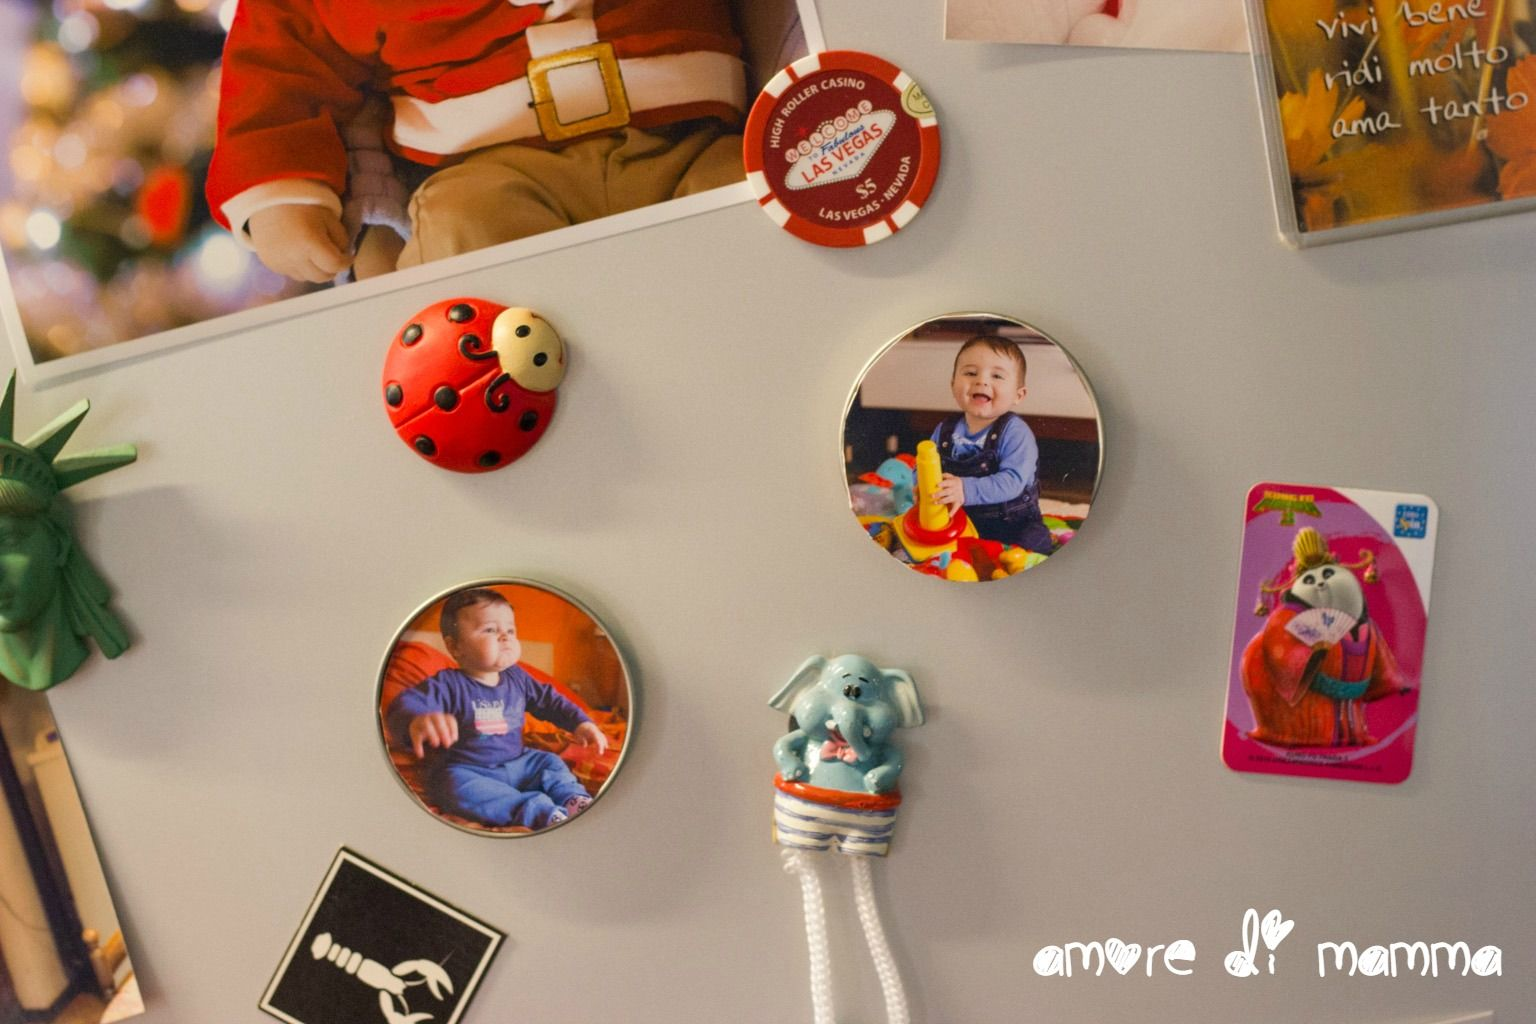 Bricolage Bambini ~ Calamite fai da te bambini con foto bambini foto e fai da te